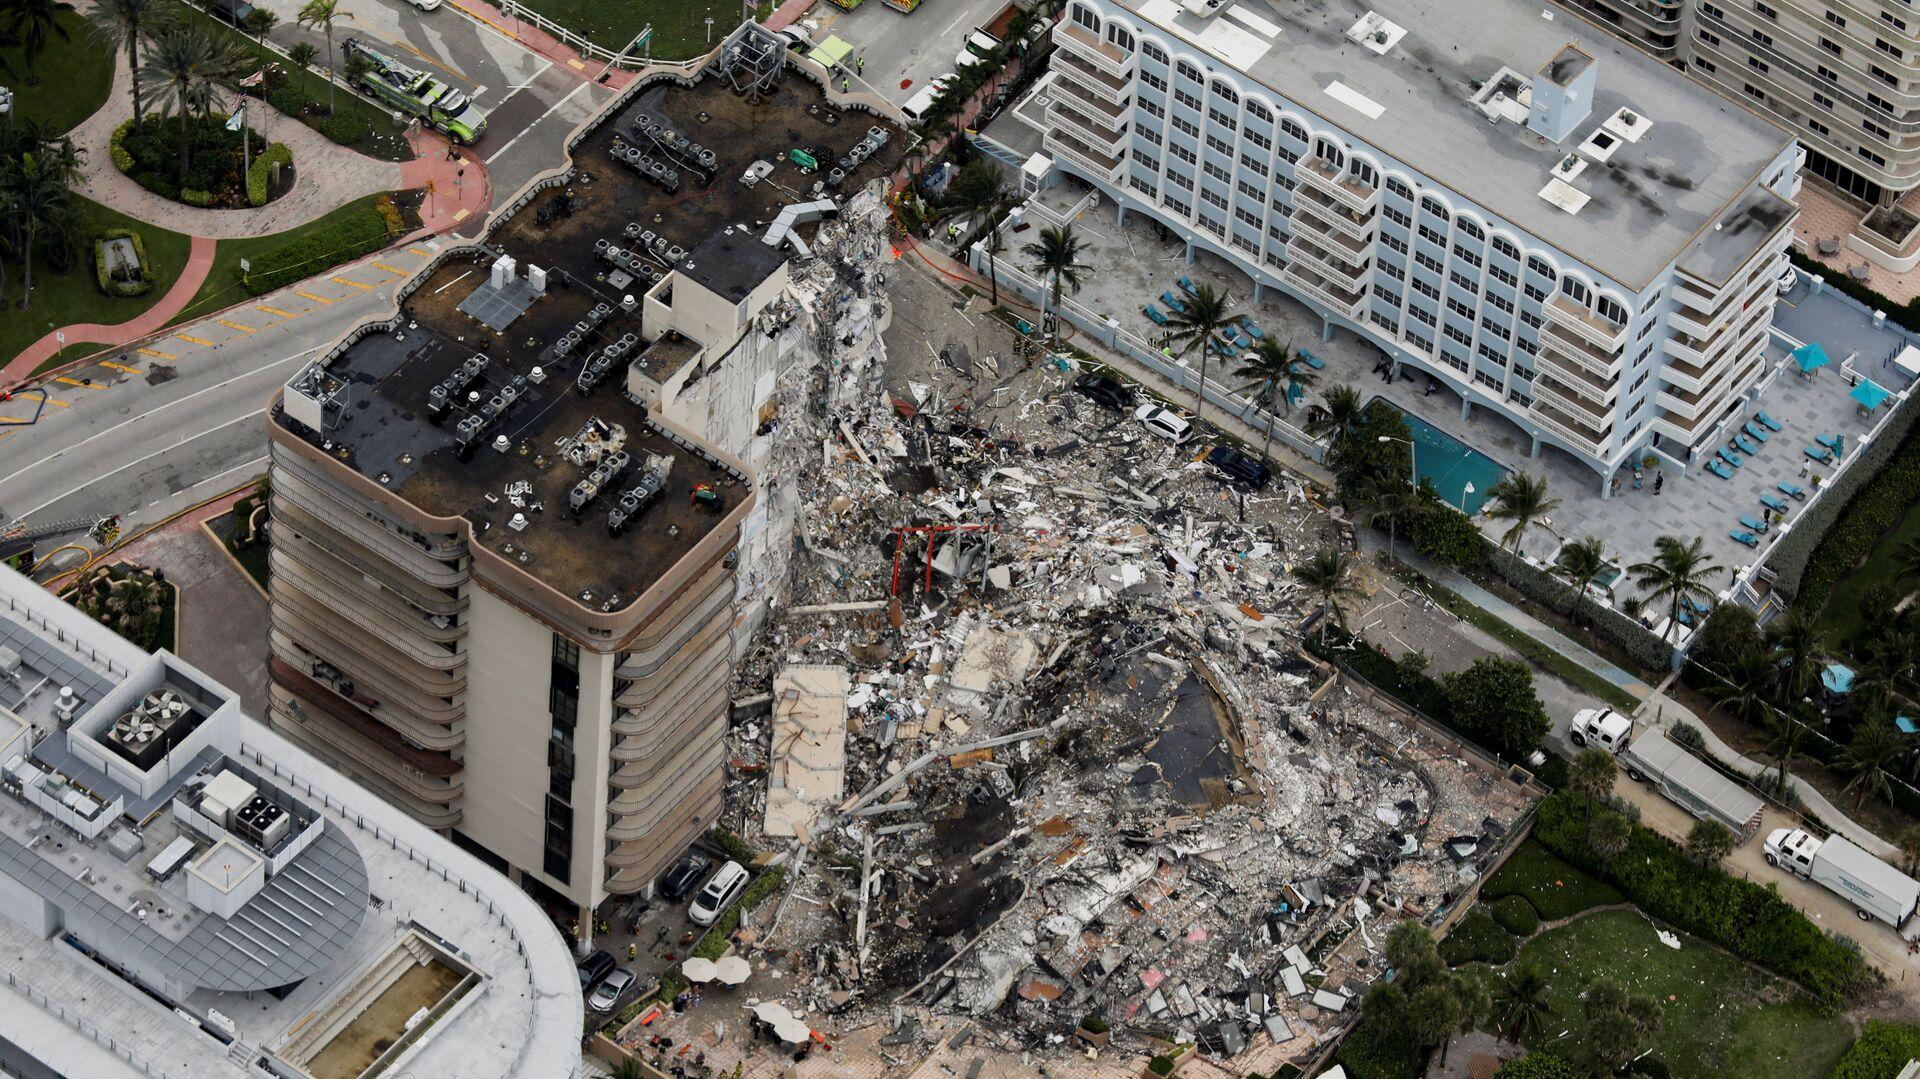 Katastrofa budowlana 12-piętrowego apartamentowca w Miami - Sputnik Polska, 1920, 28.06.2021